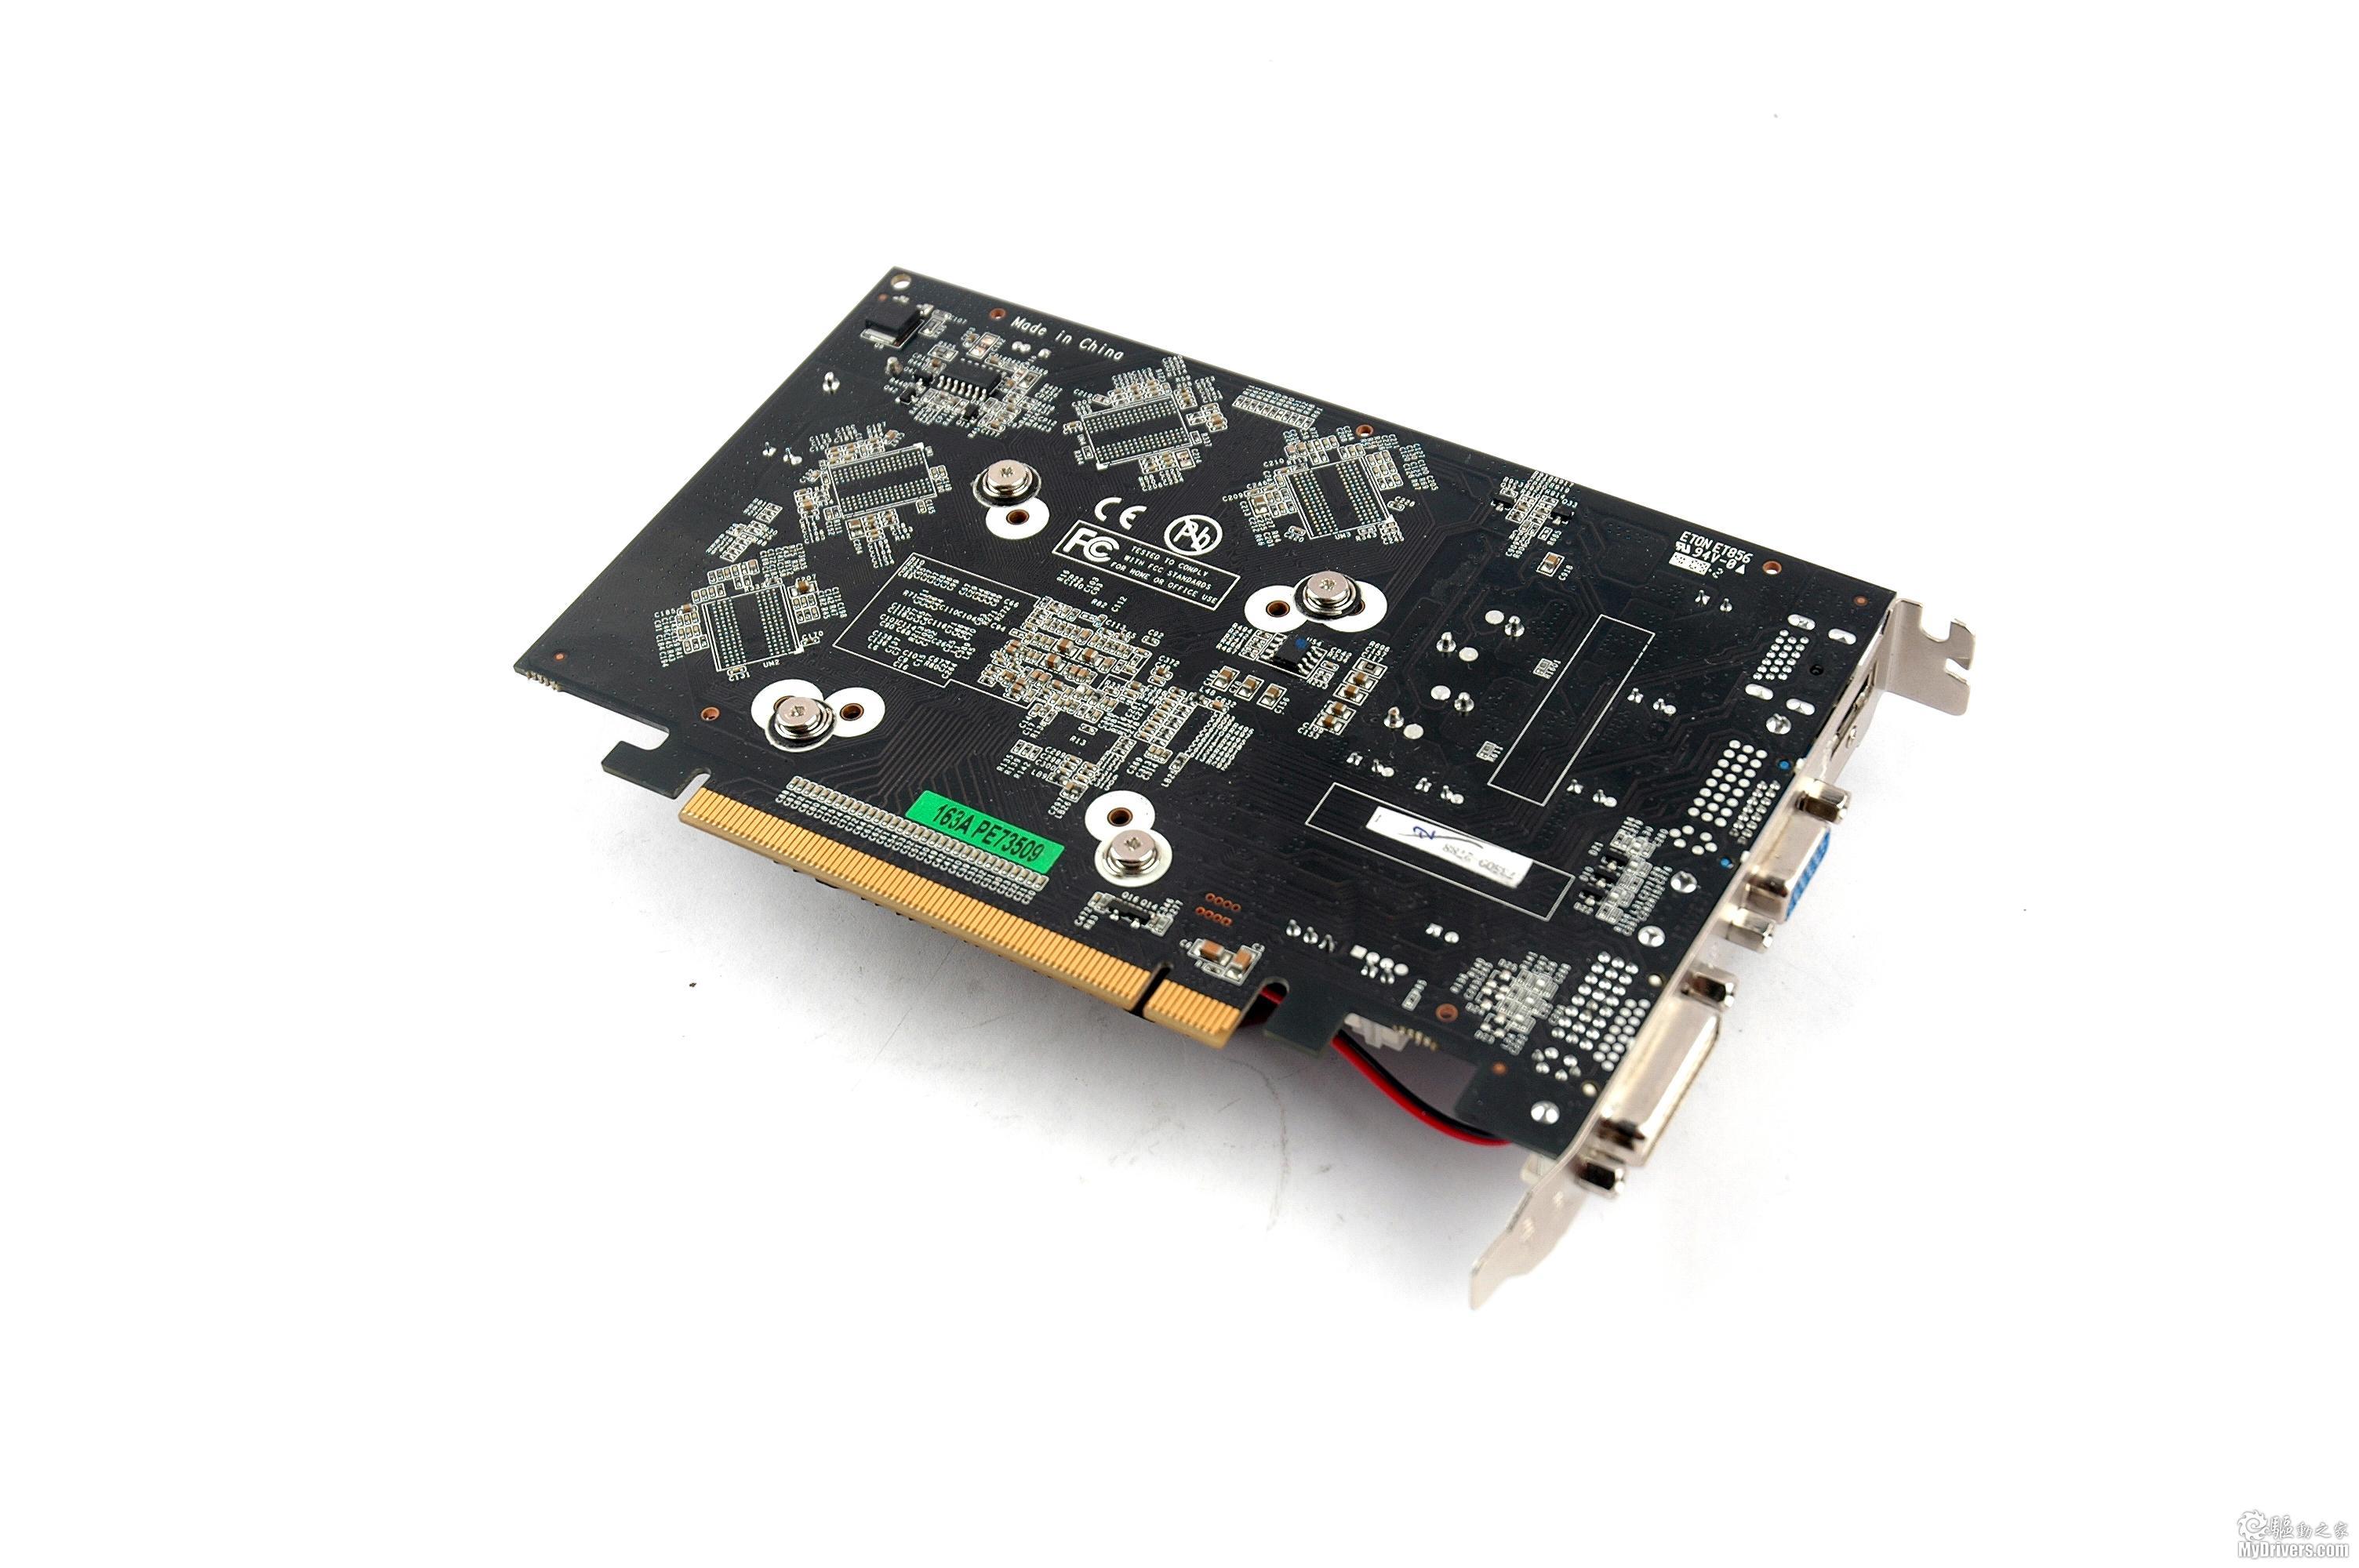 [外观赏析]  北影GT 240显卡正面  北影GT 240显卡背面 看完了包装我们再来看显卡,的确是应了前面那句话,包装好显卡的质量也差不了,最起码视觉上还是不错的。北影GT240采用同德产品中极少用到的黑色的PCB基板,具有很强的专业气息。核心方面自然是采用了40nm新工艺制造的GT215核心,核心支持DX10.